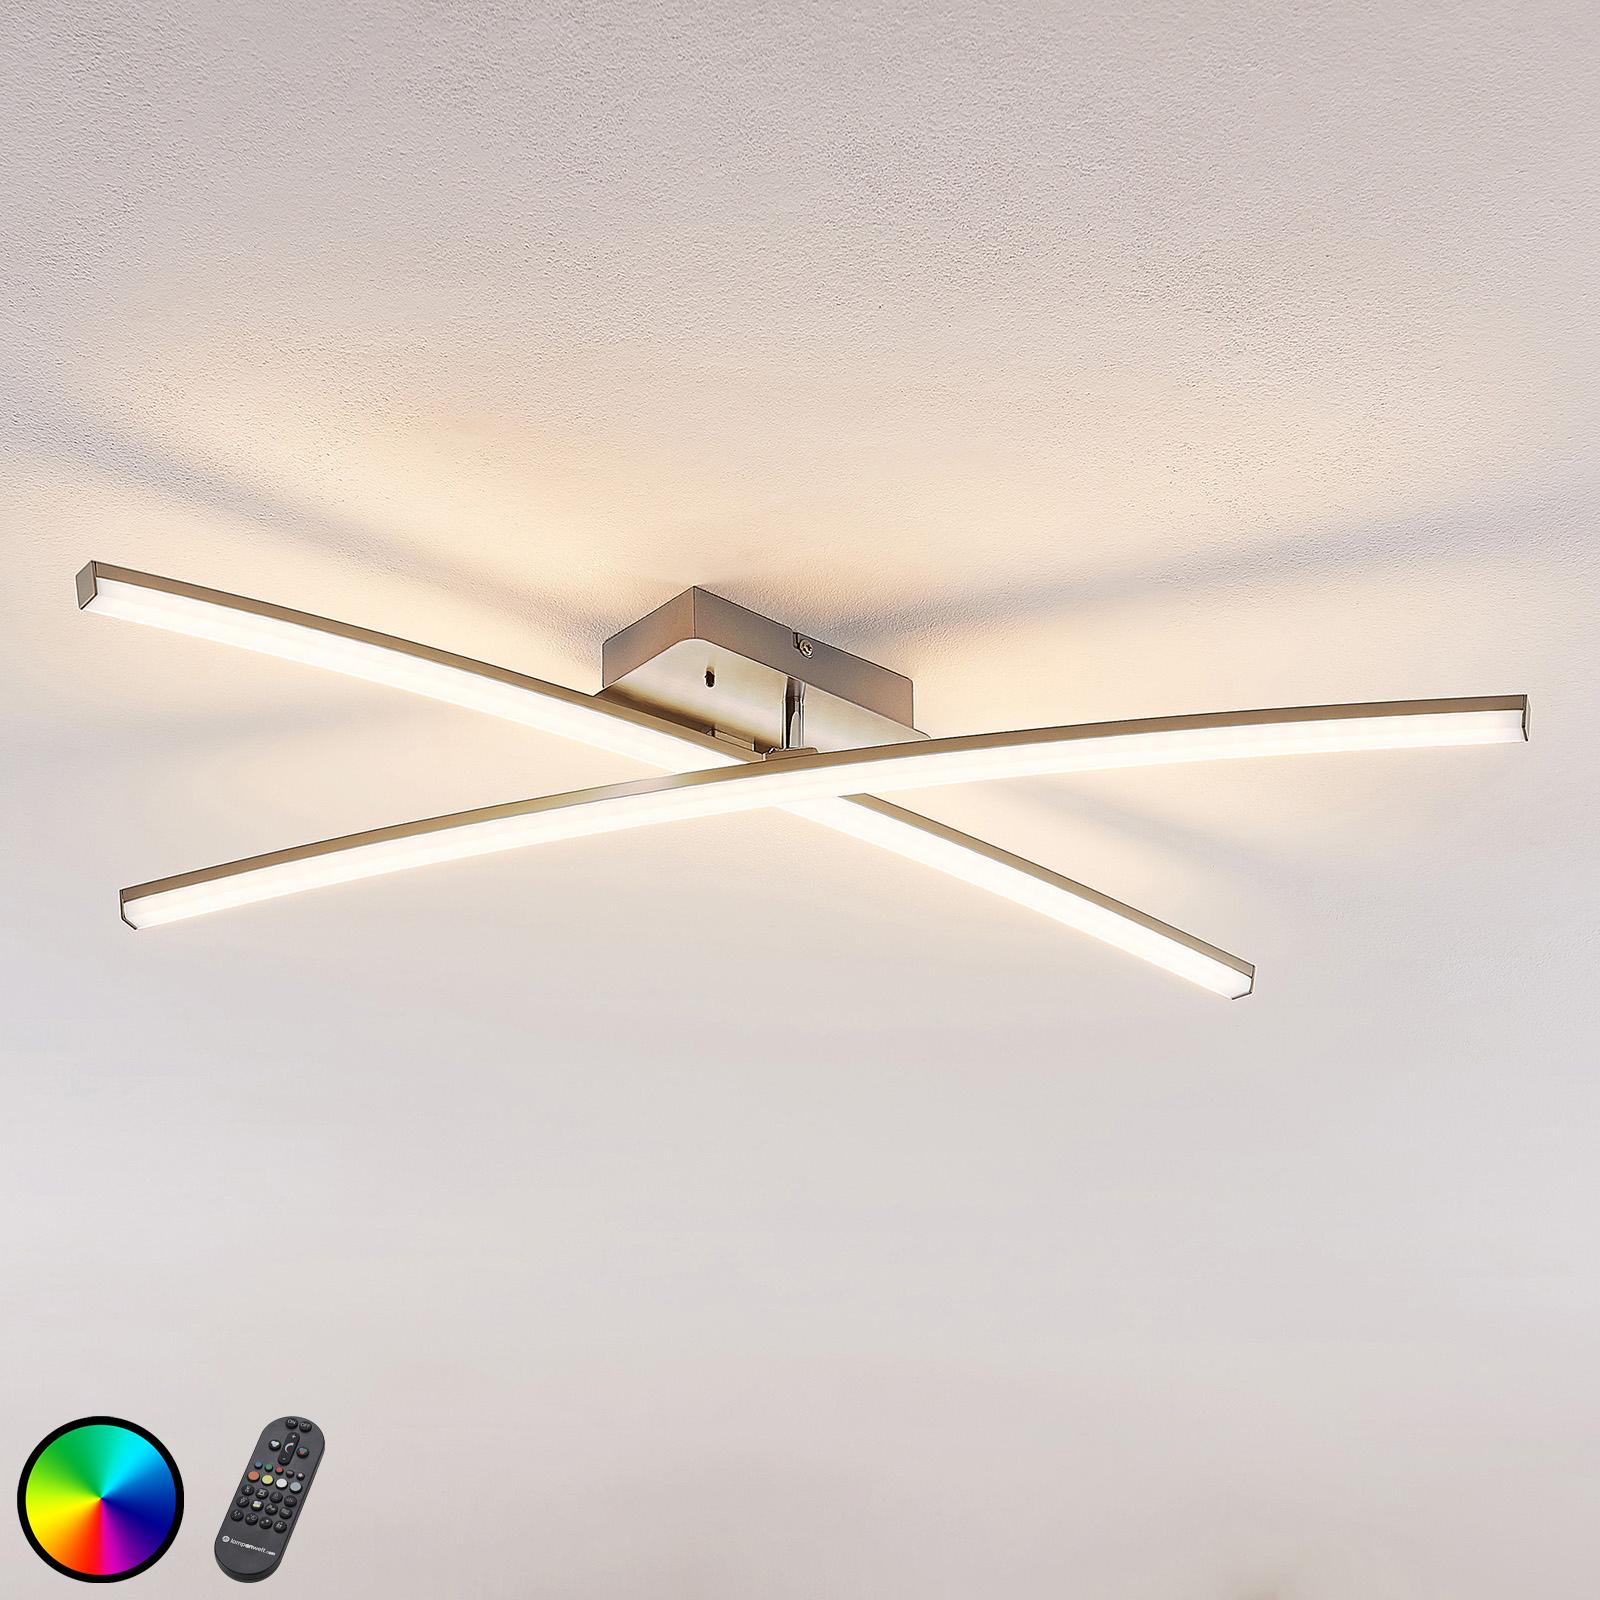 LED-kattovalaisin Trevon kaukosäätimellä